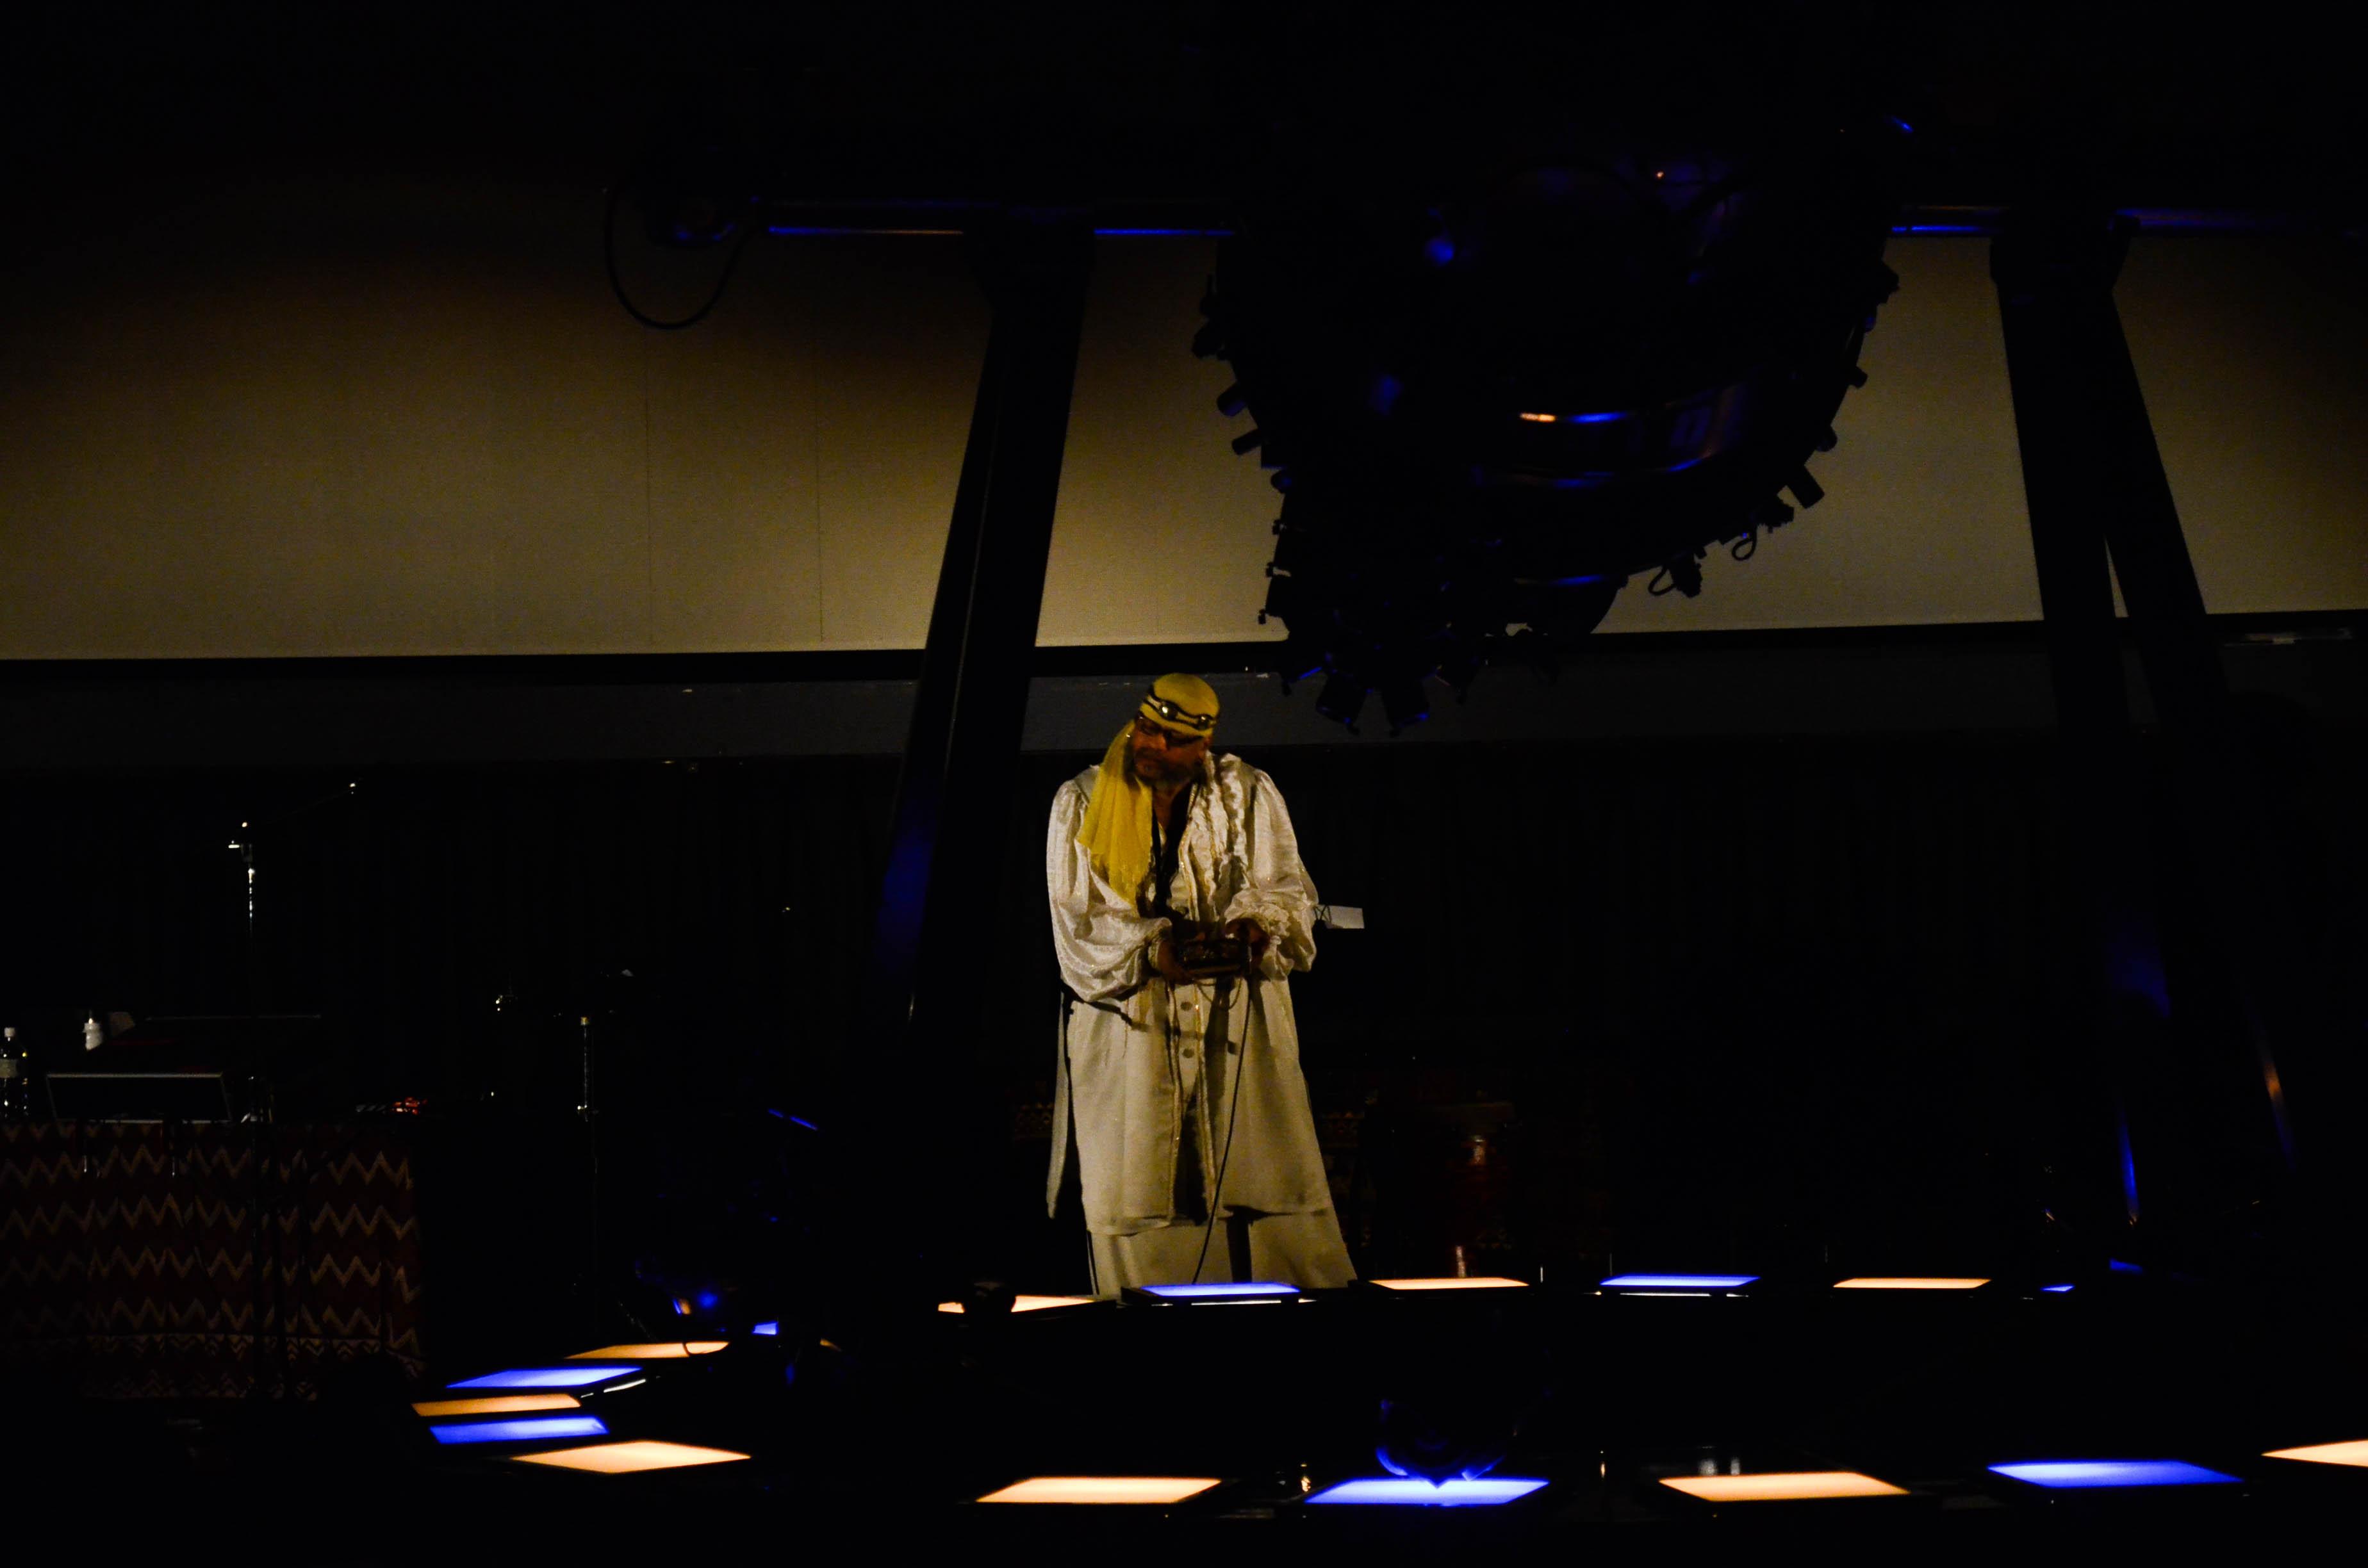 プラネタリウム コンサート